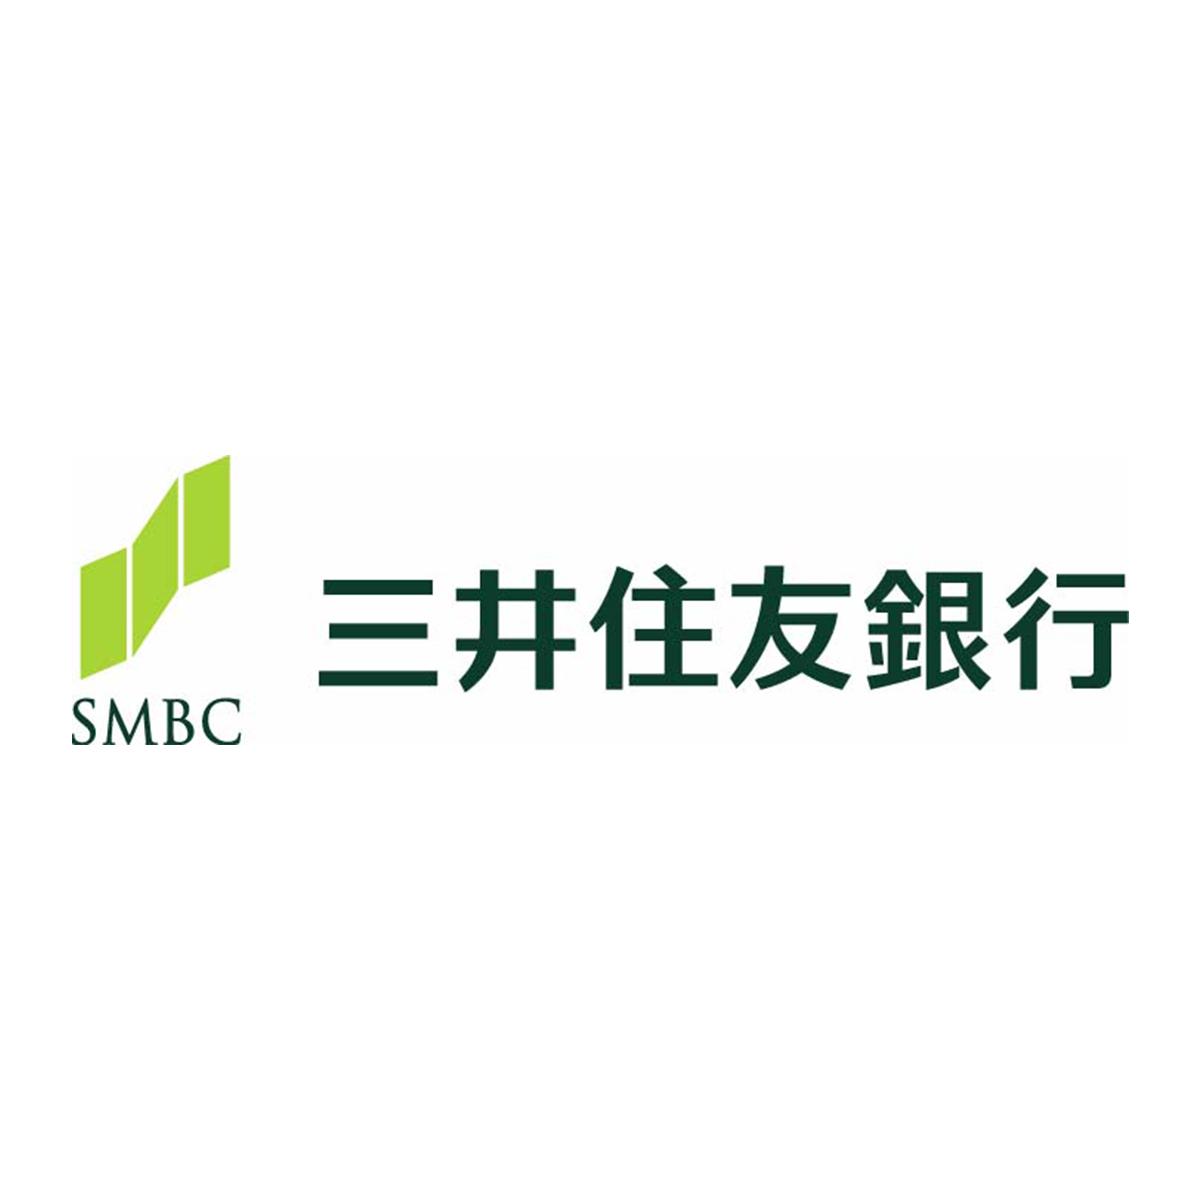 銀行 三井 投資 信託 住友